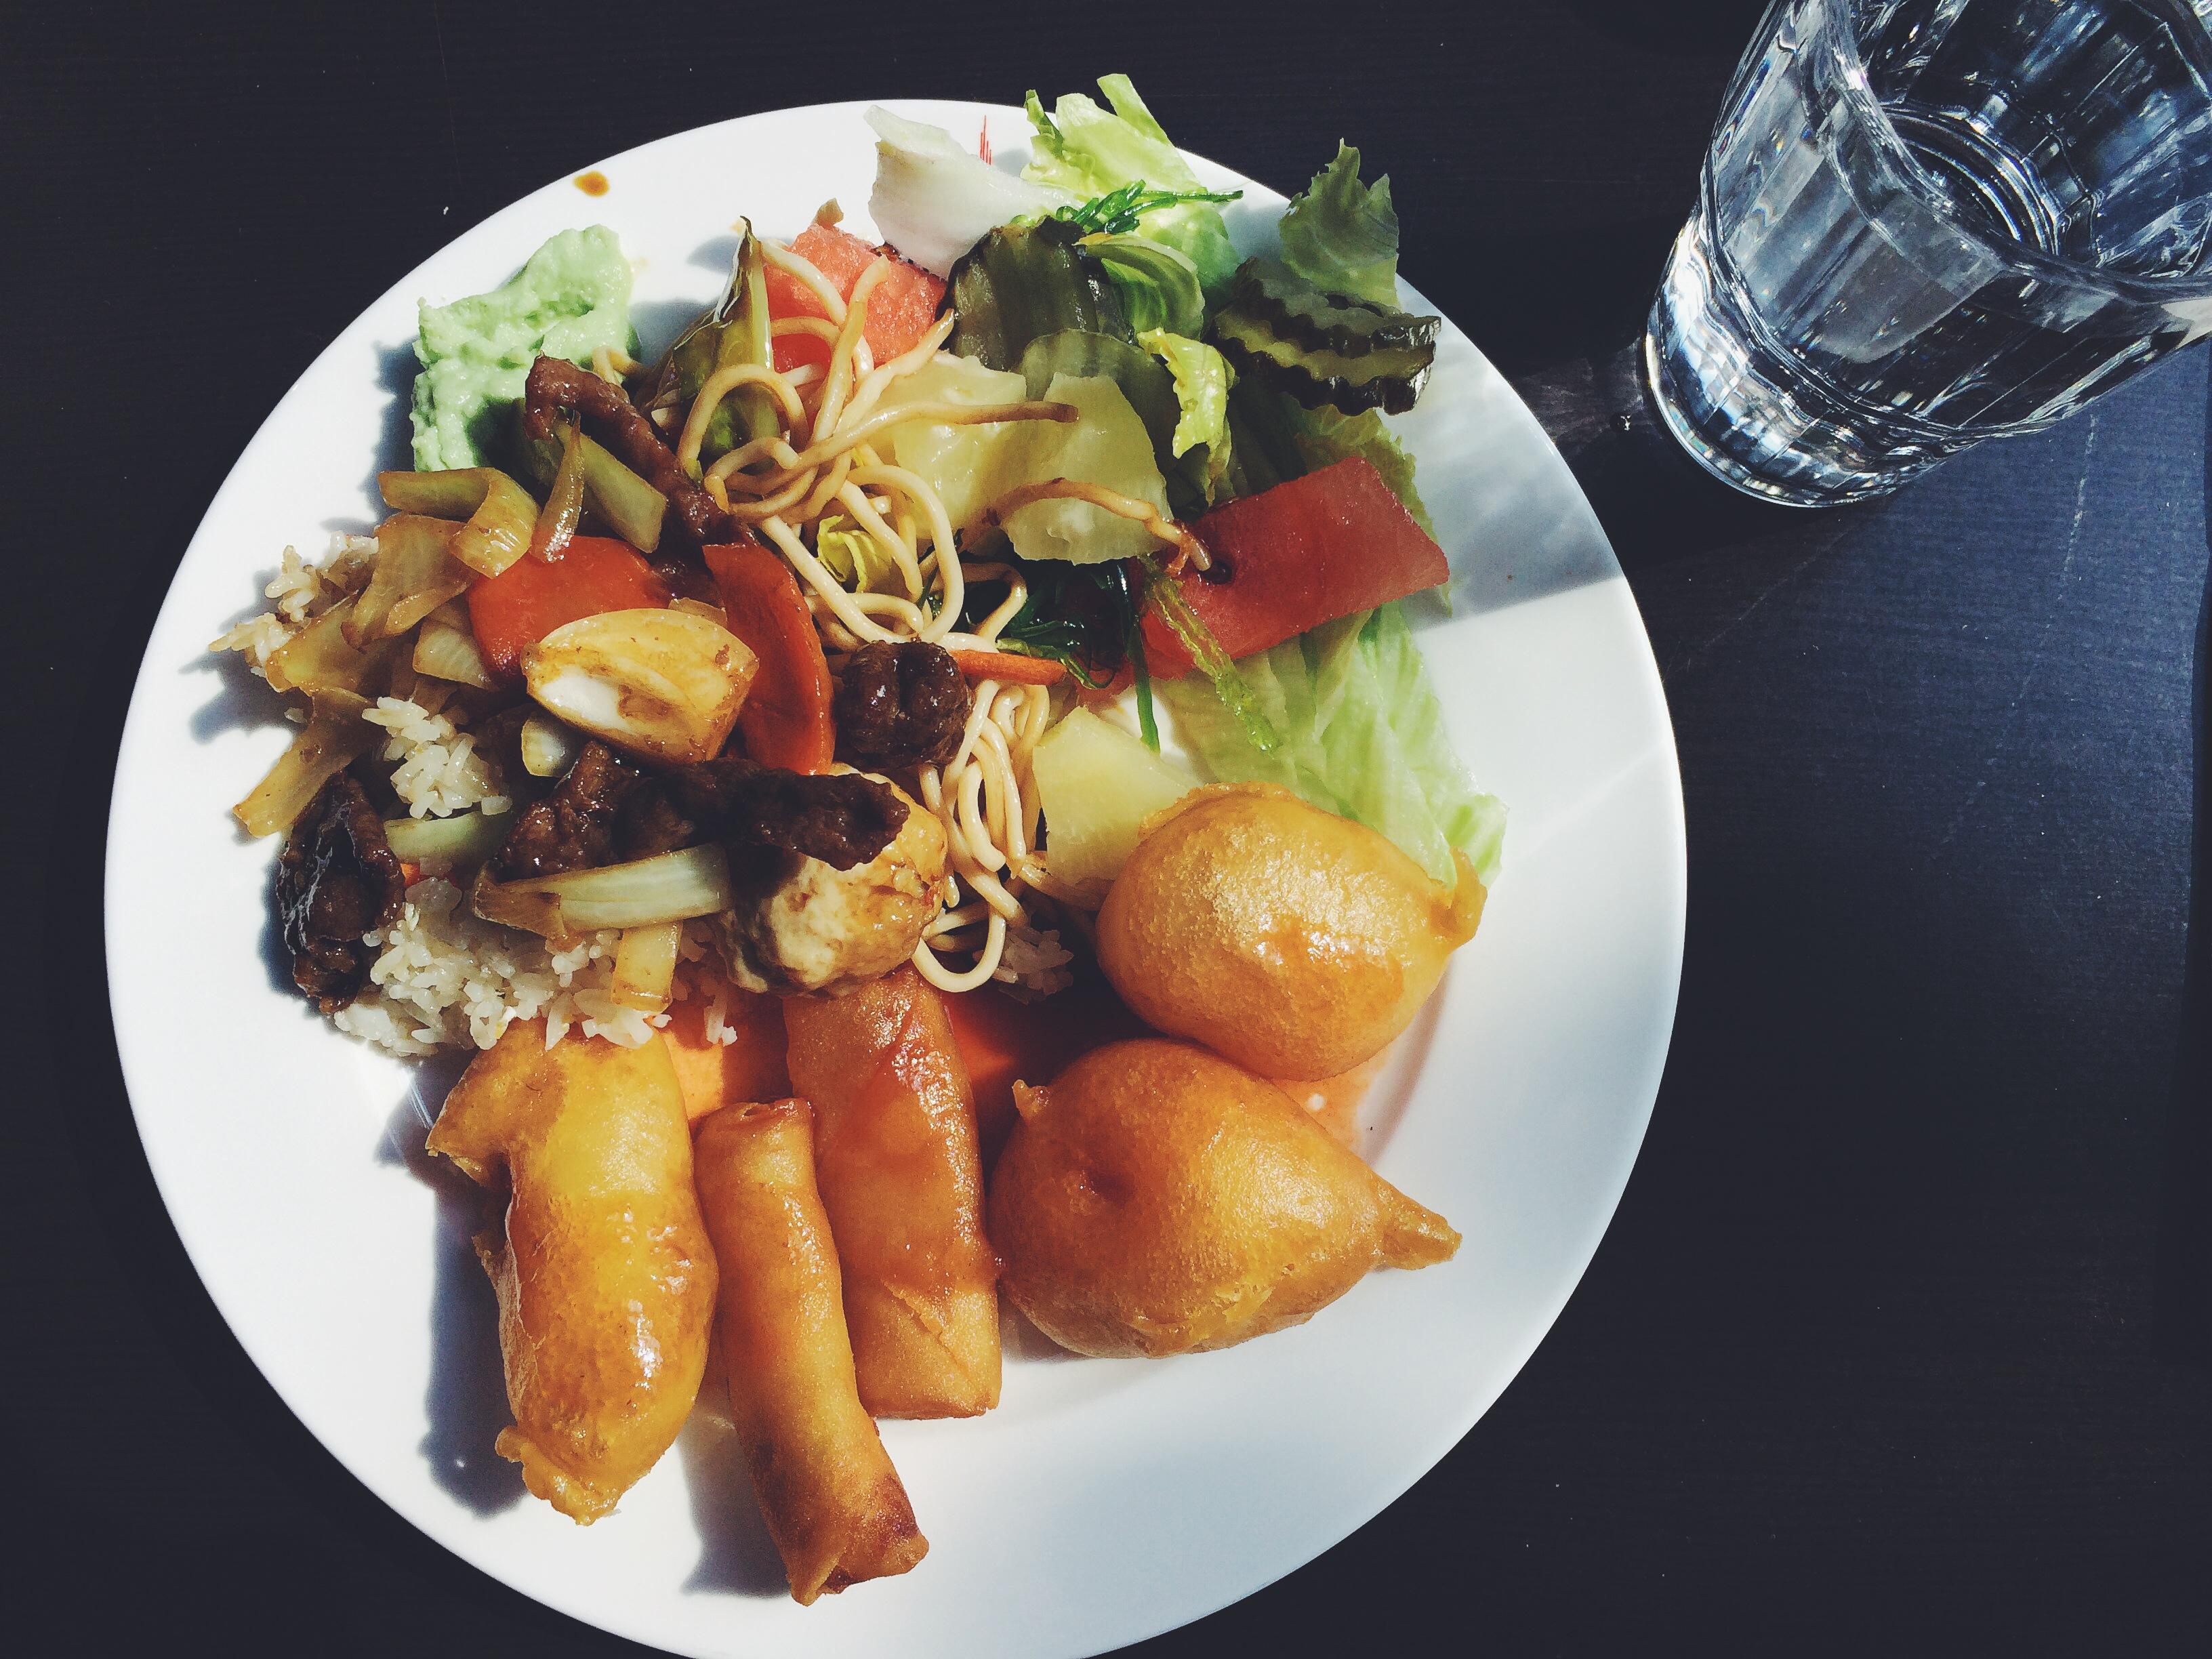 Kiinalainen ravintola Shi Quan Shi Mei, Seinäjoki: Noutopöydän friteeraukset ja paistetut nuudelit